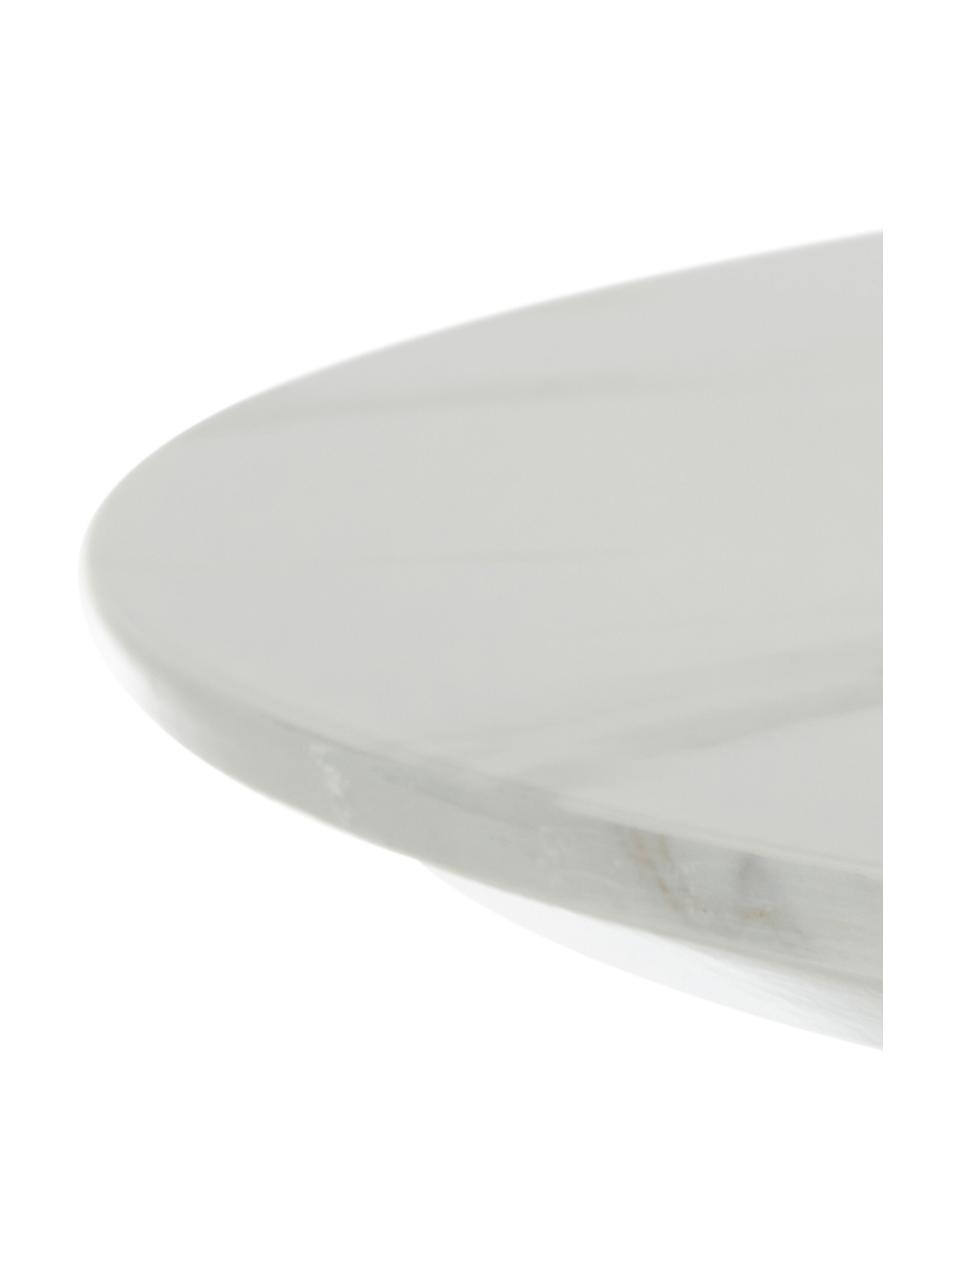 Okrągły stół do jadalni z imitacji marmuru Karla, Blat: płyta pilśniowa średniej , Blat: biały, marmurowy Noga stołu: odcienie złotego, matowy, Ø 90 x W 75 cm